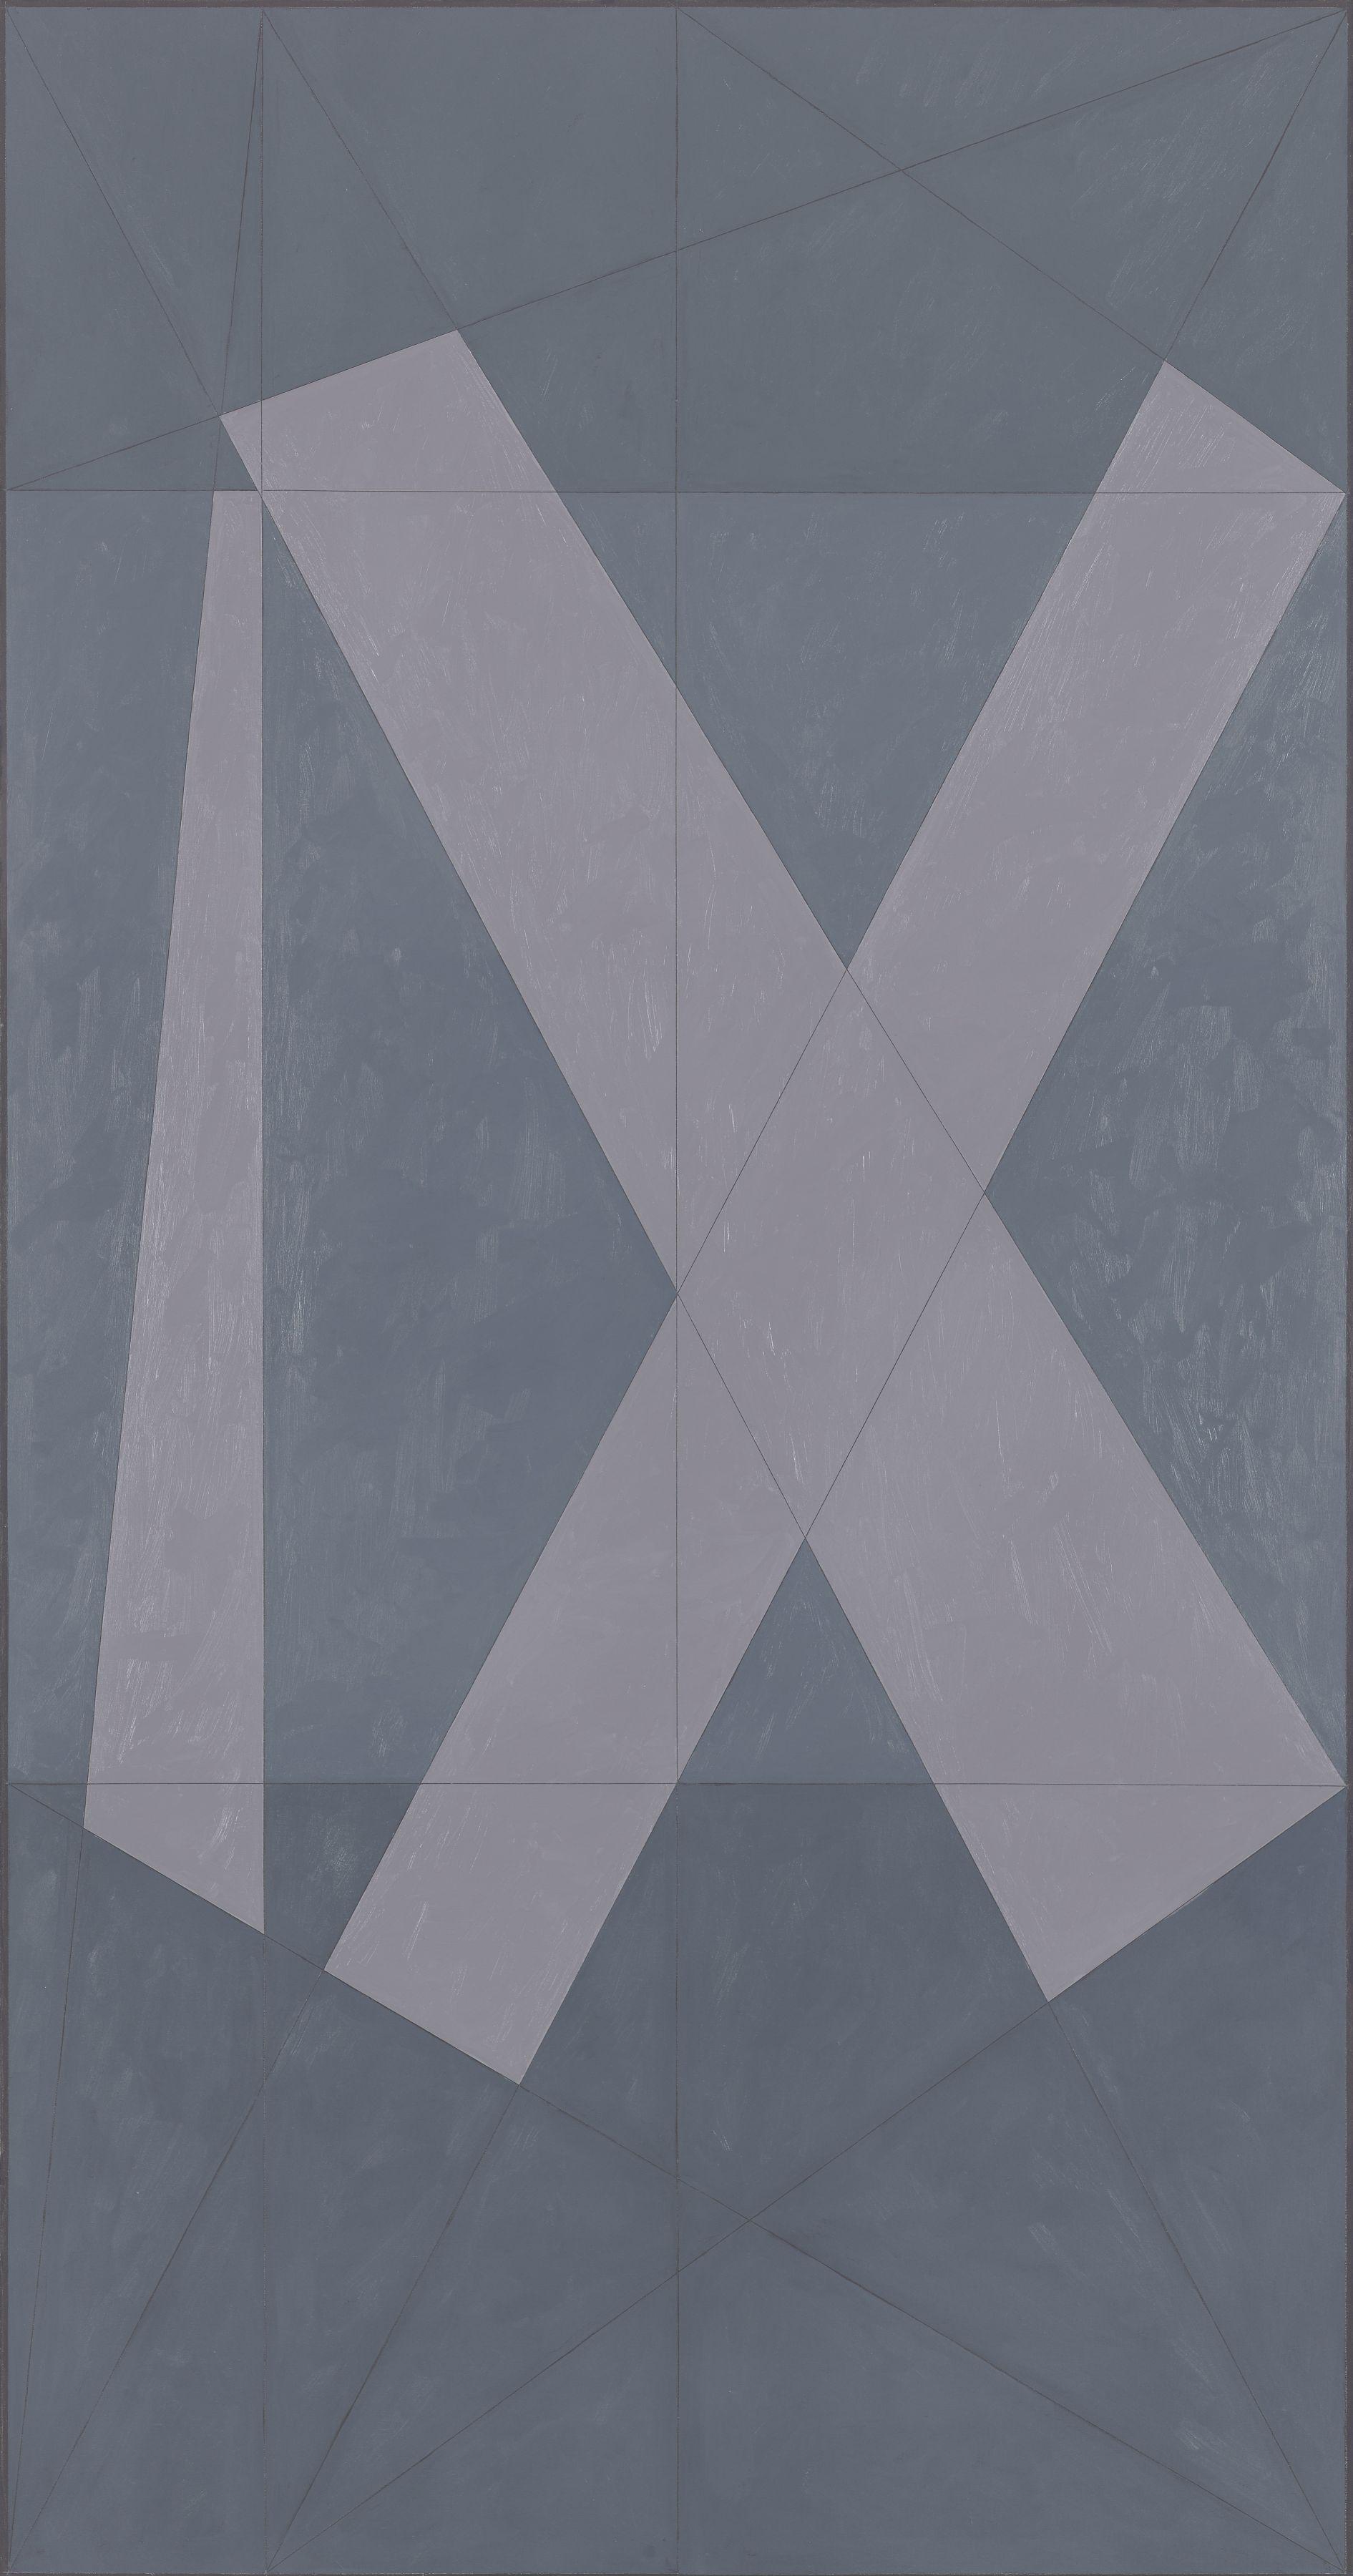 Roman IX, 1981, Oil on canvas